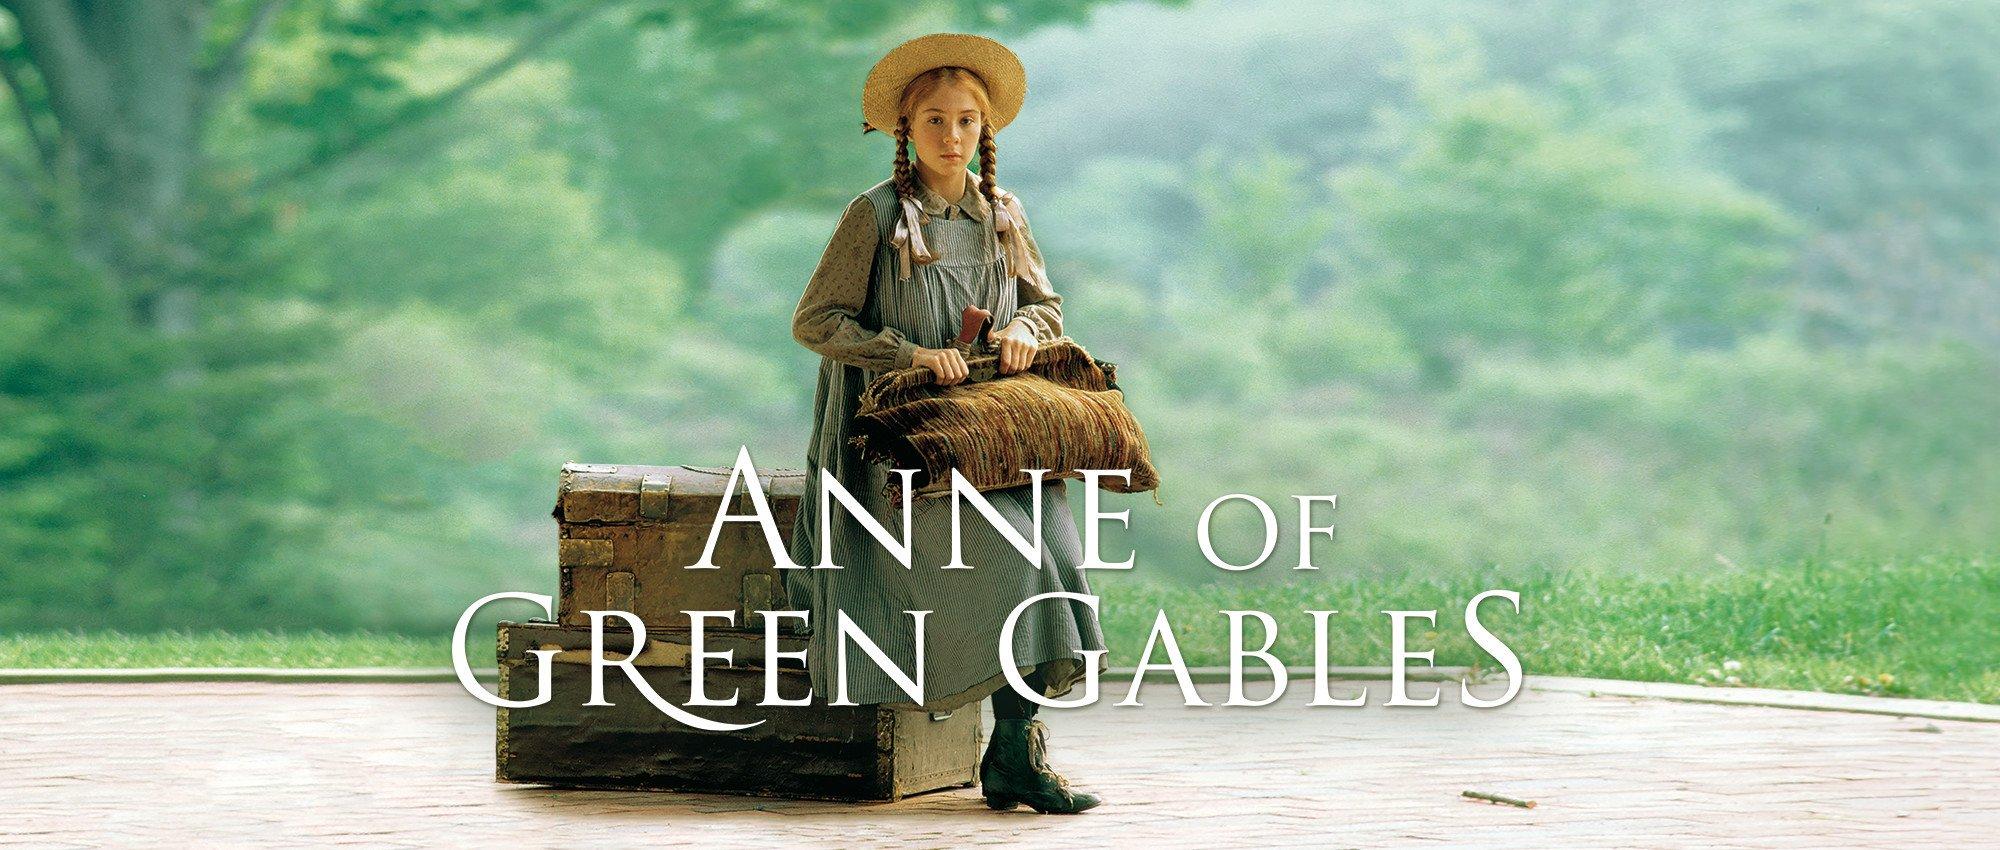 Anne of green gables netflix et cbc pr parent une adaptation for Anne la maison au pignon vert film